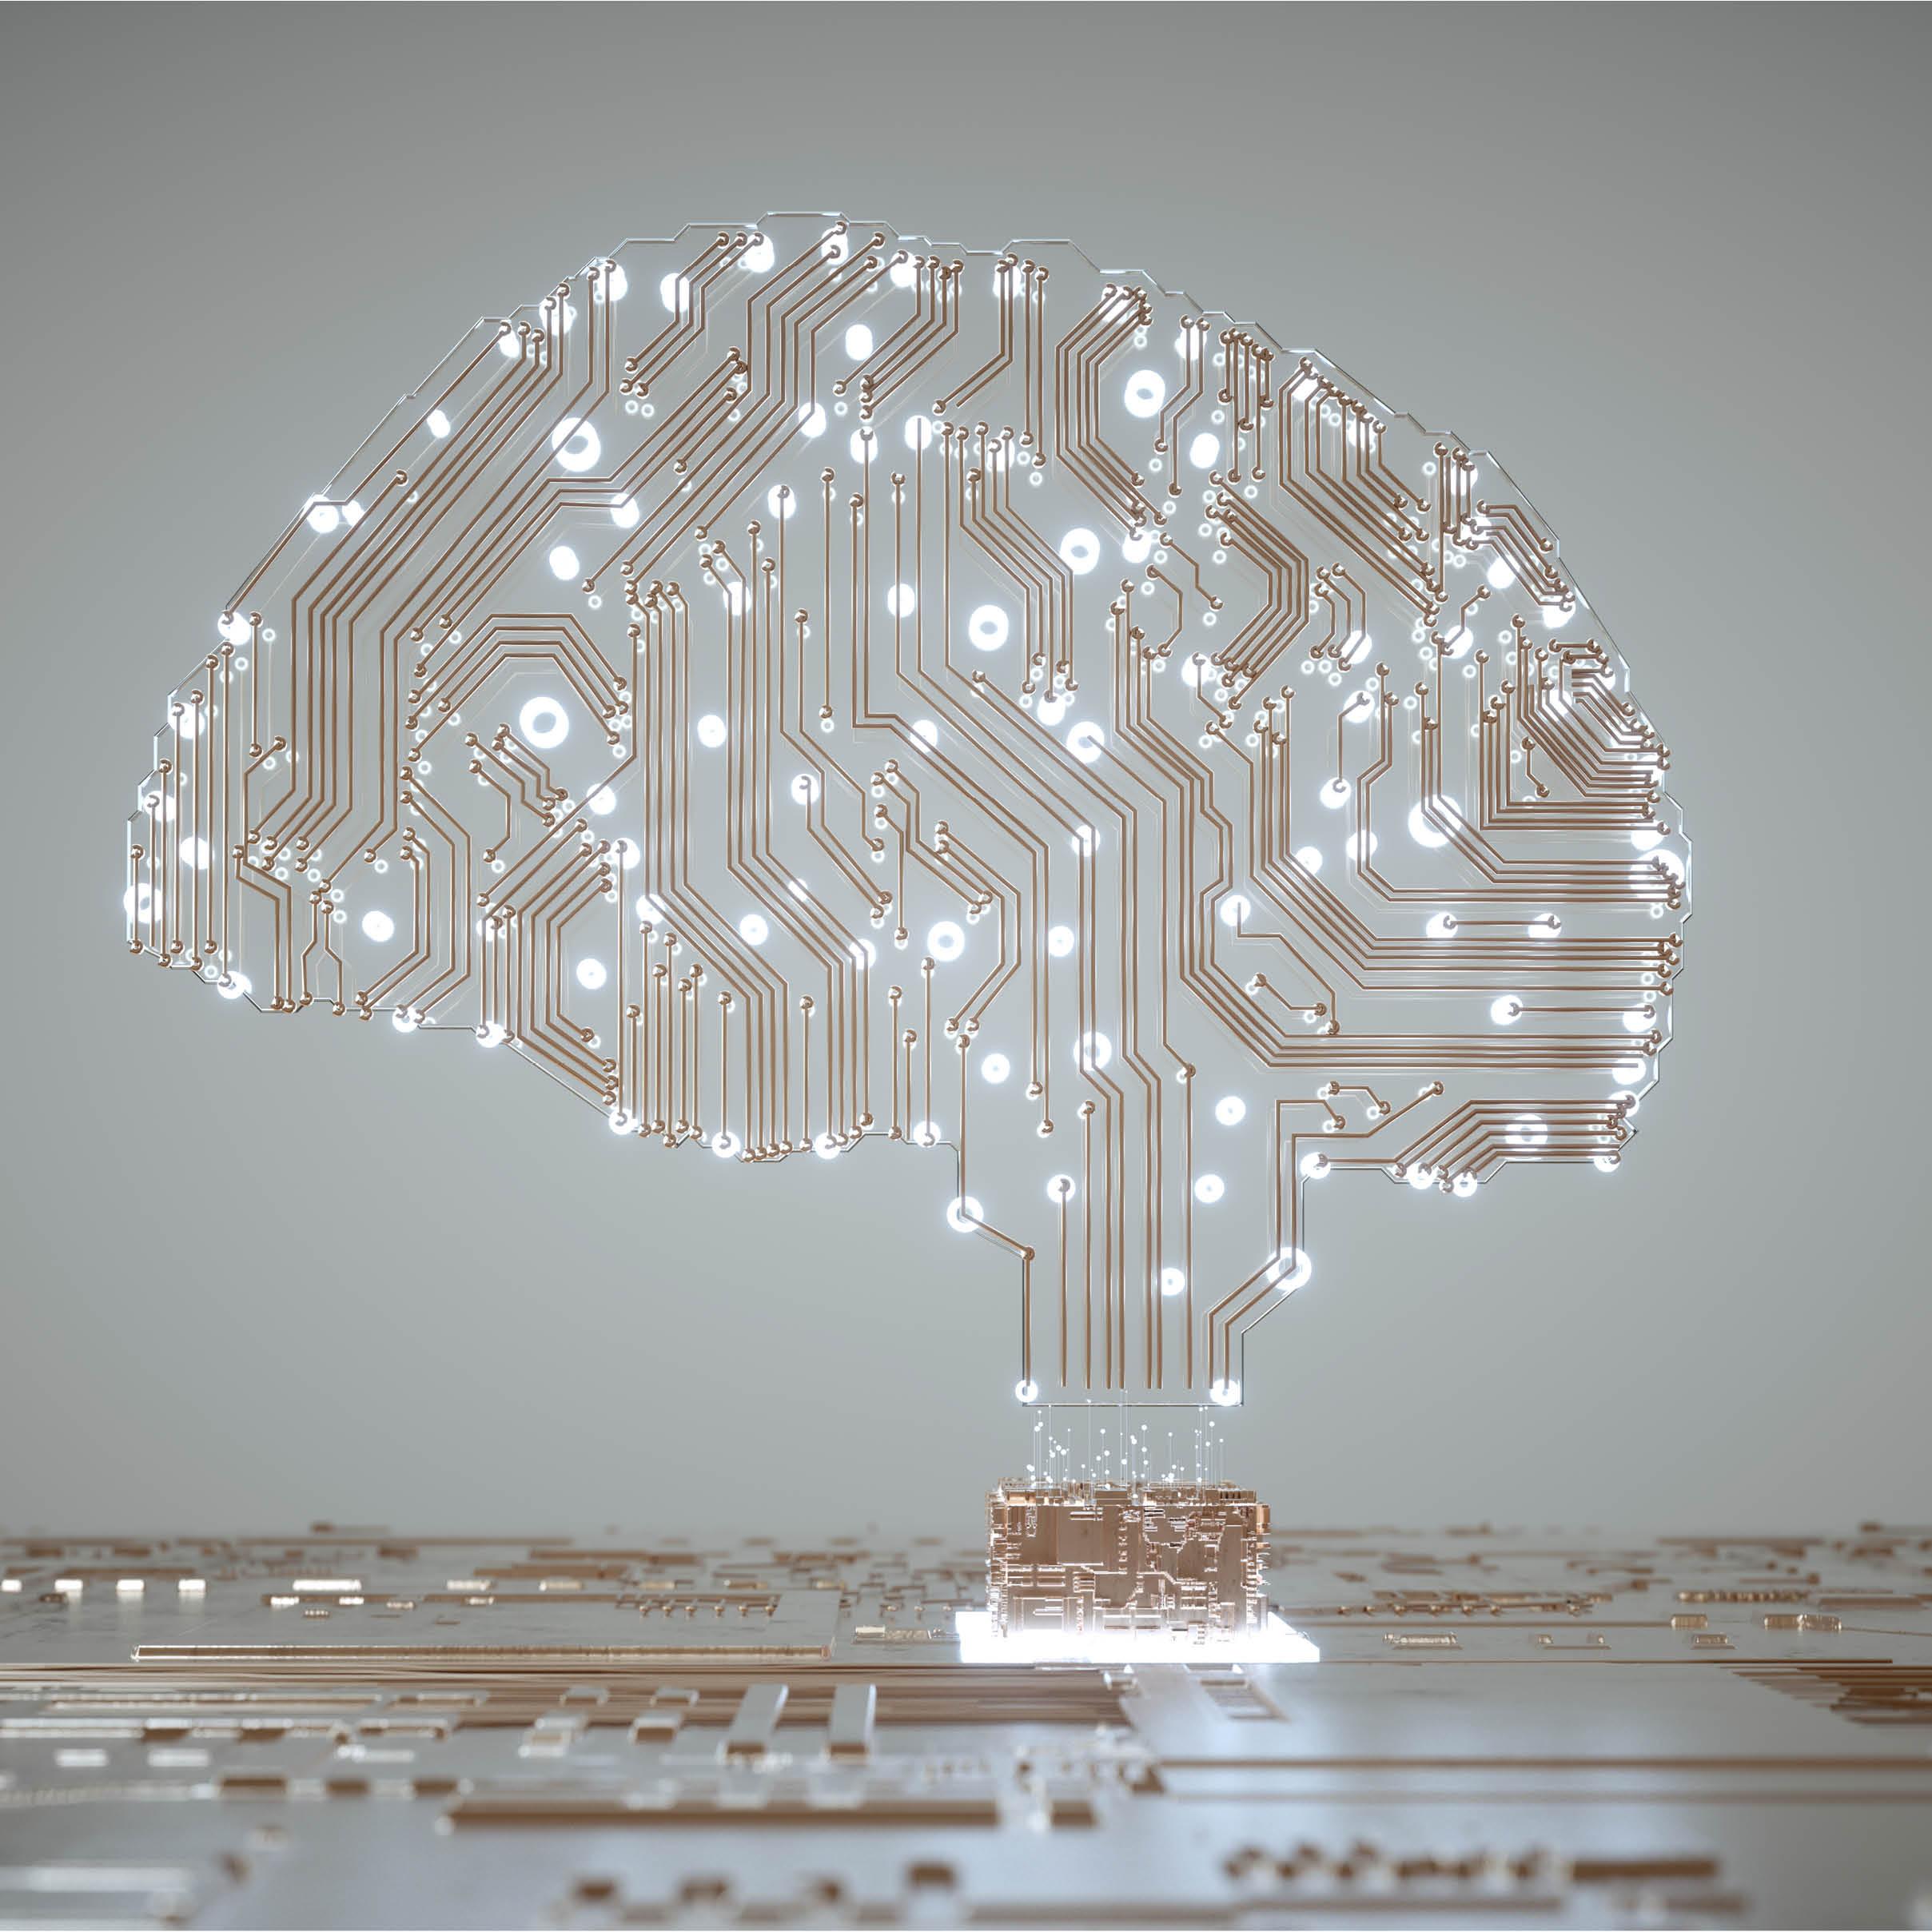 Ligger din hjerne i fremtiden